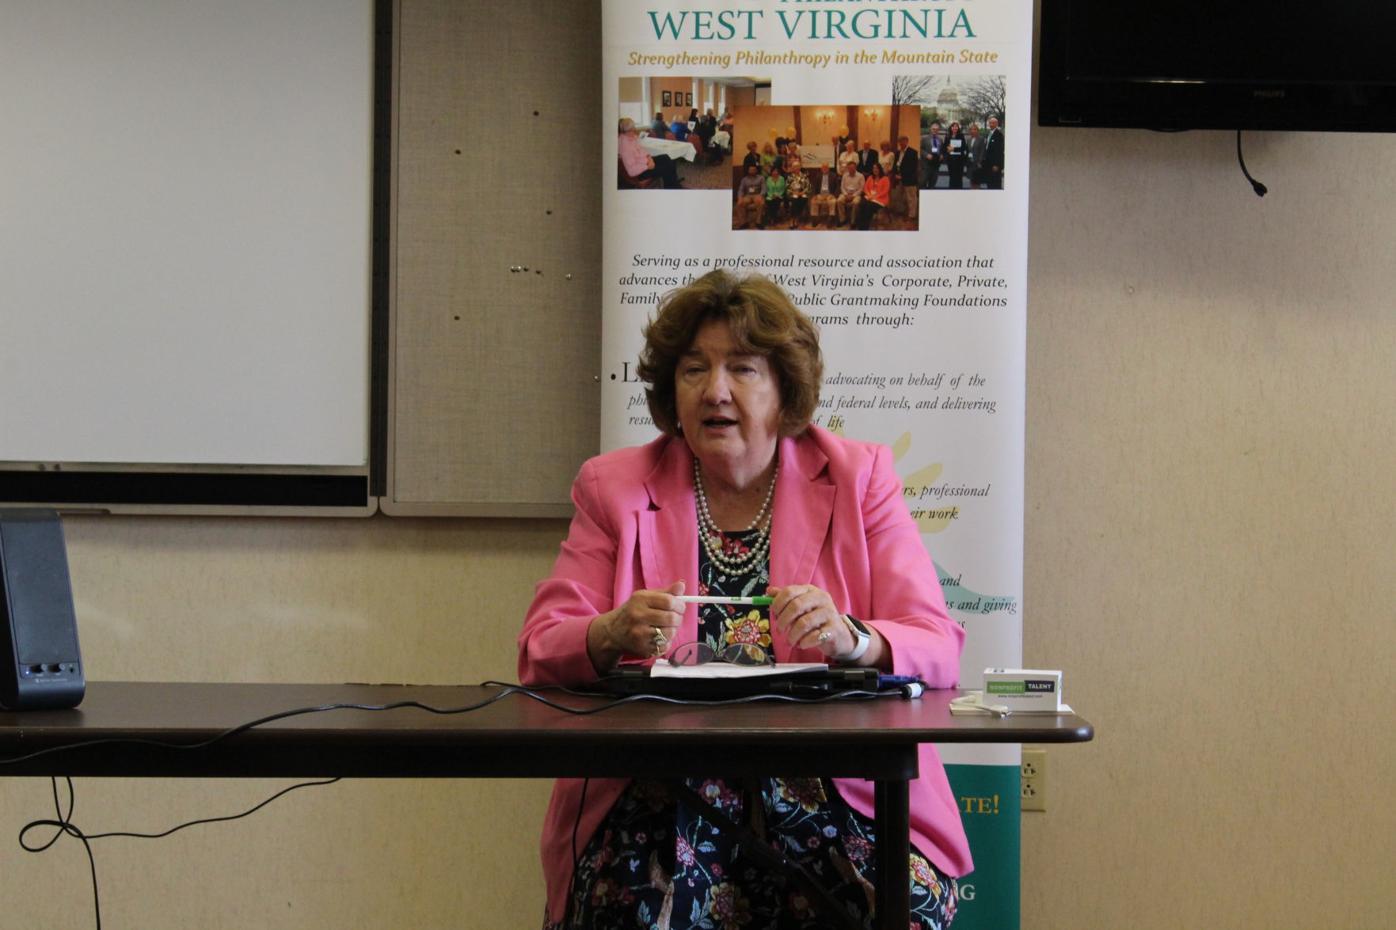 Carolyn Long at WVHEPC